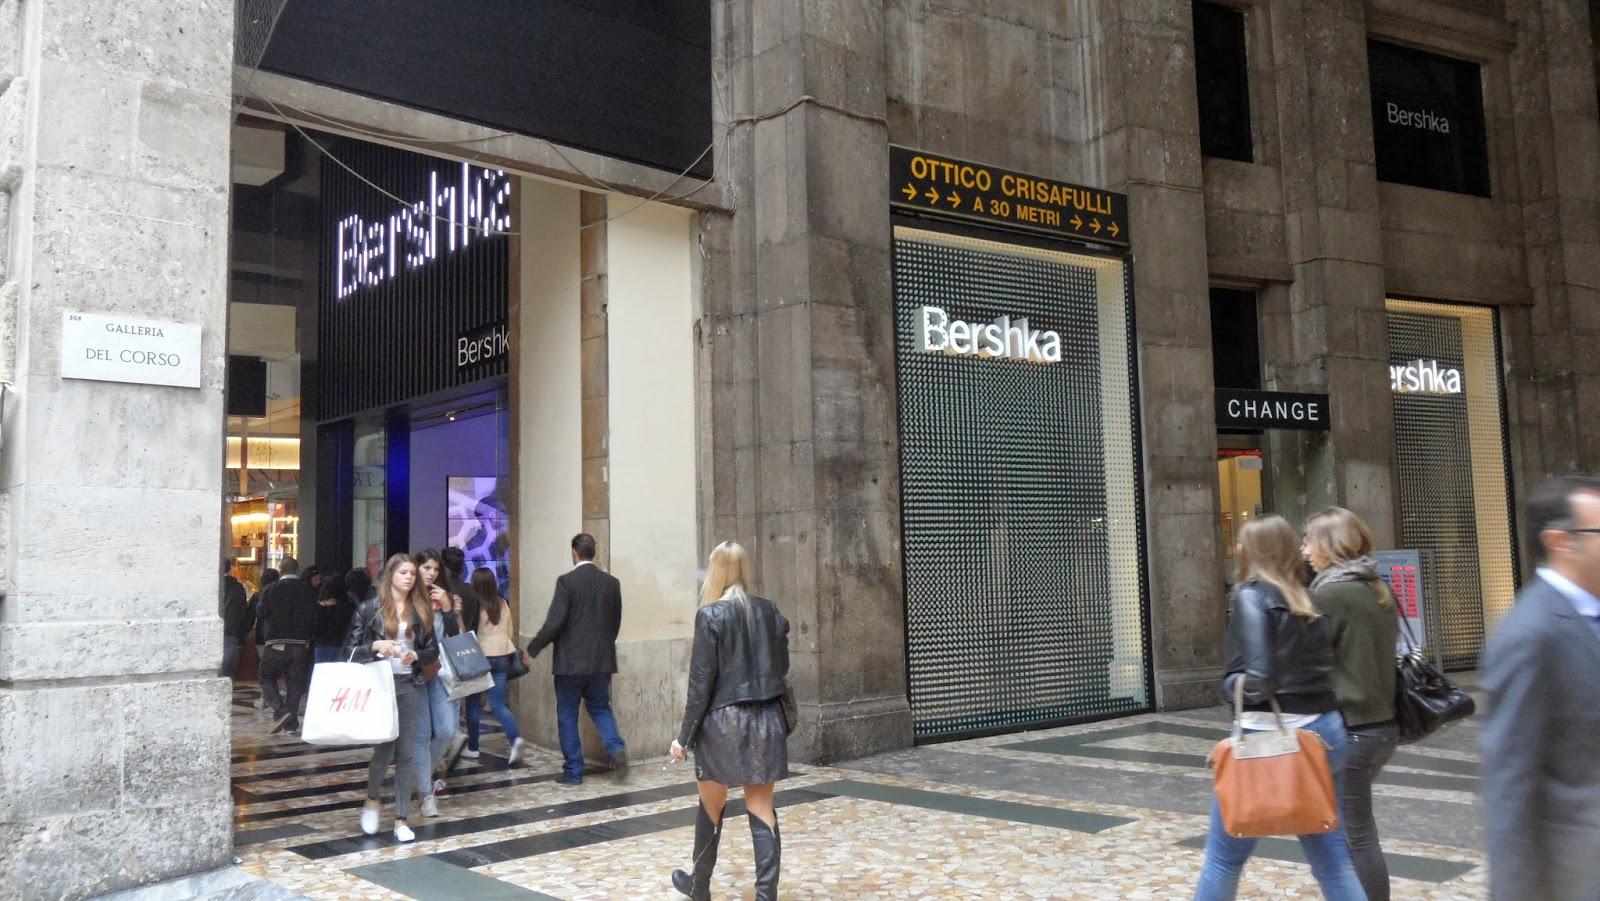 Shopping tour a milano luisabeautyland for Bershka milano duomo